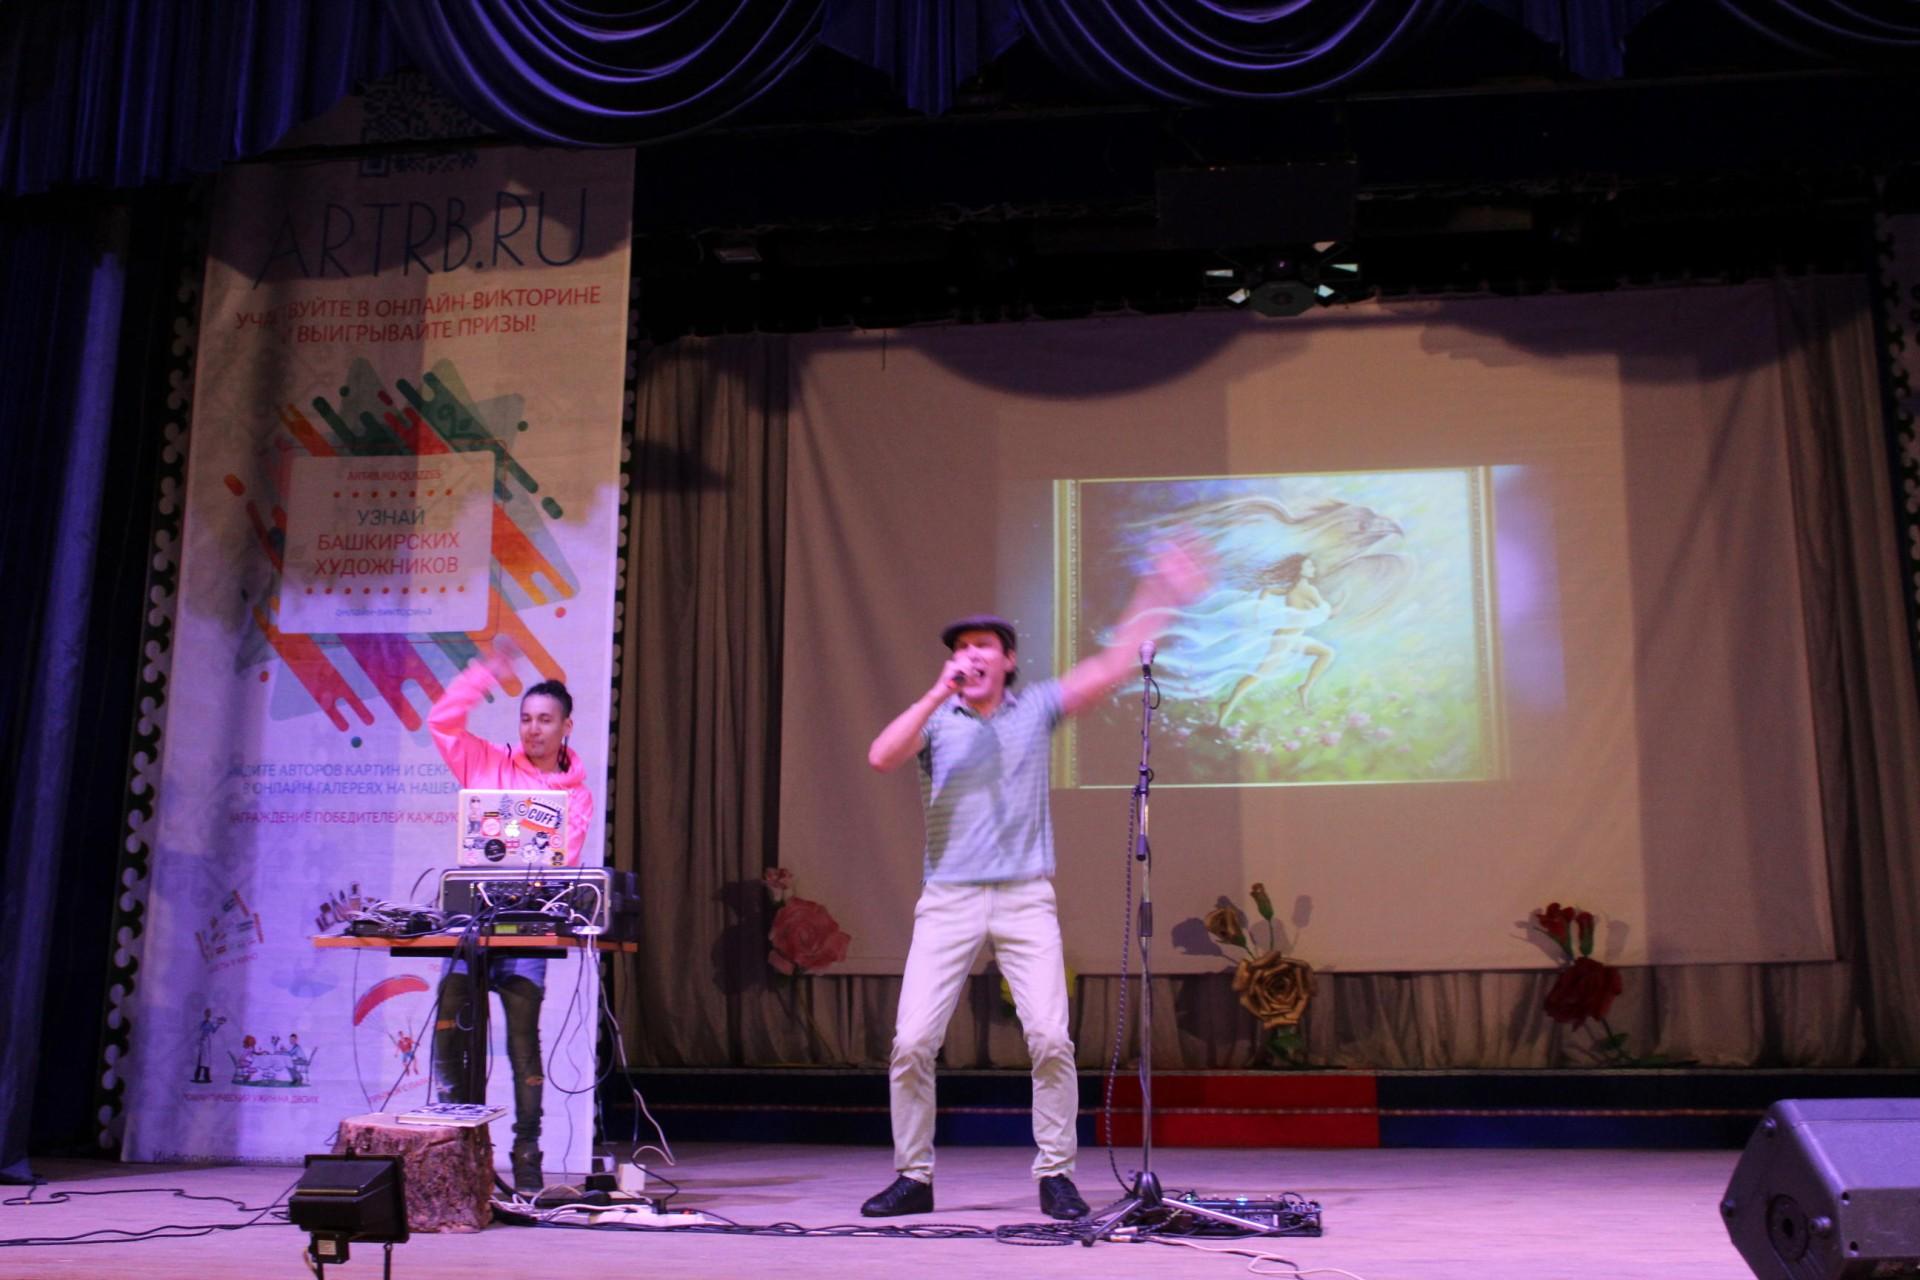 Художественный тур проекта №33 – встреча с художниками в селе Верхние Киги!